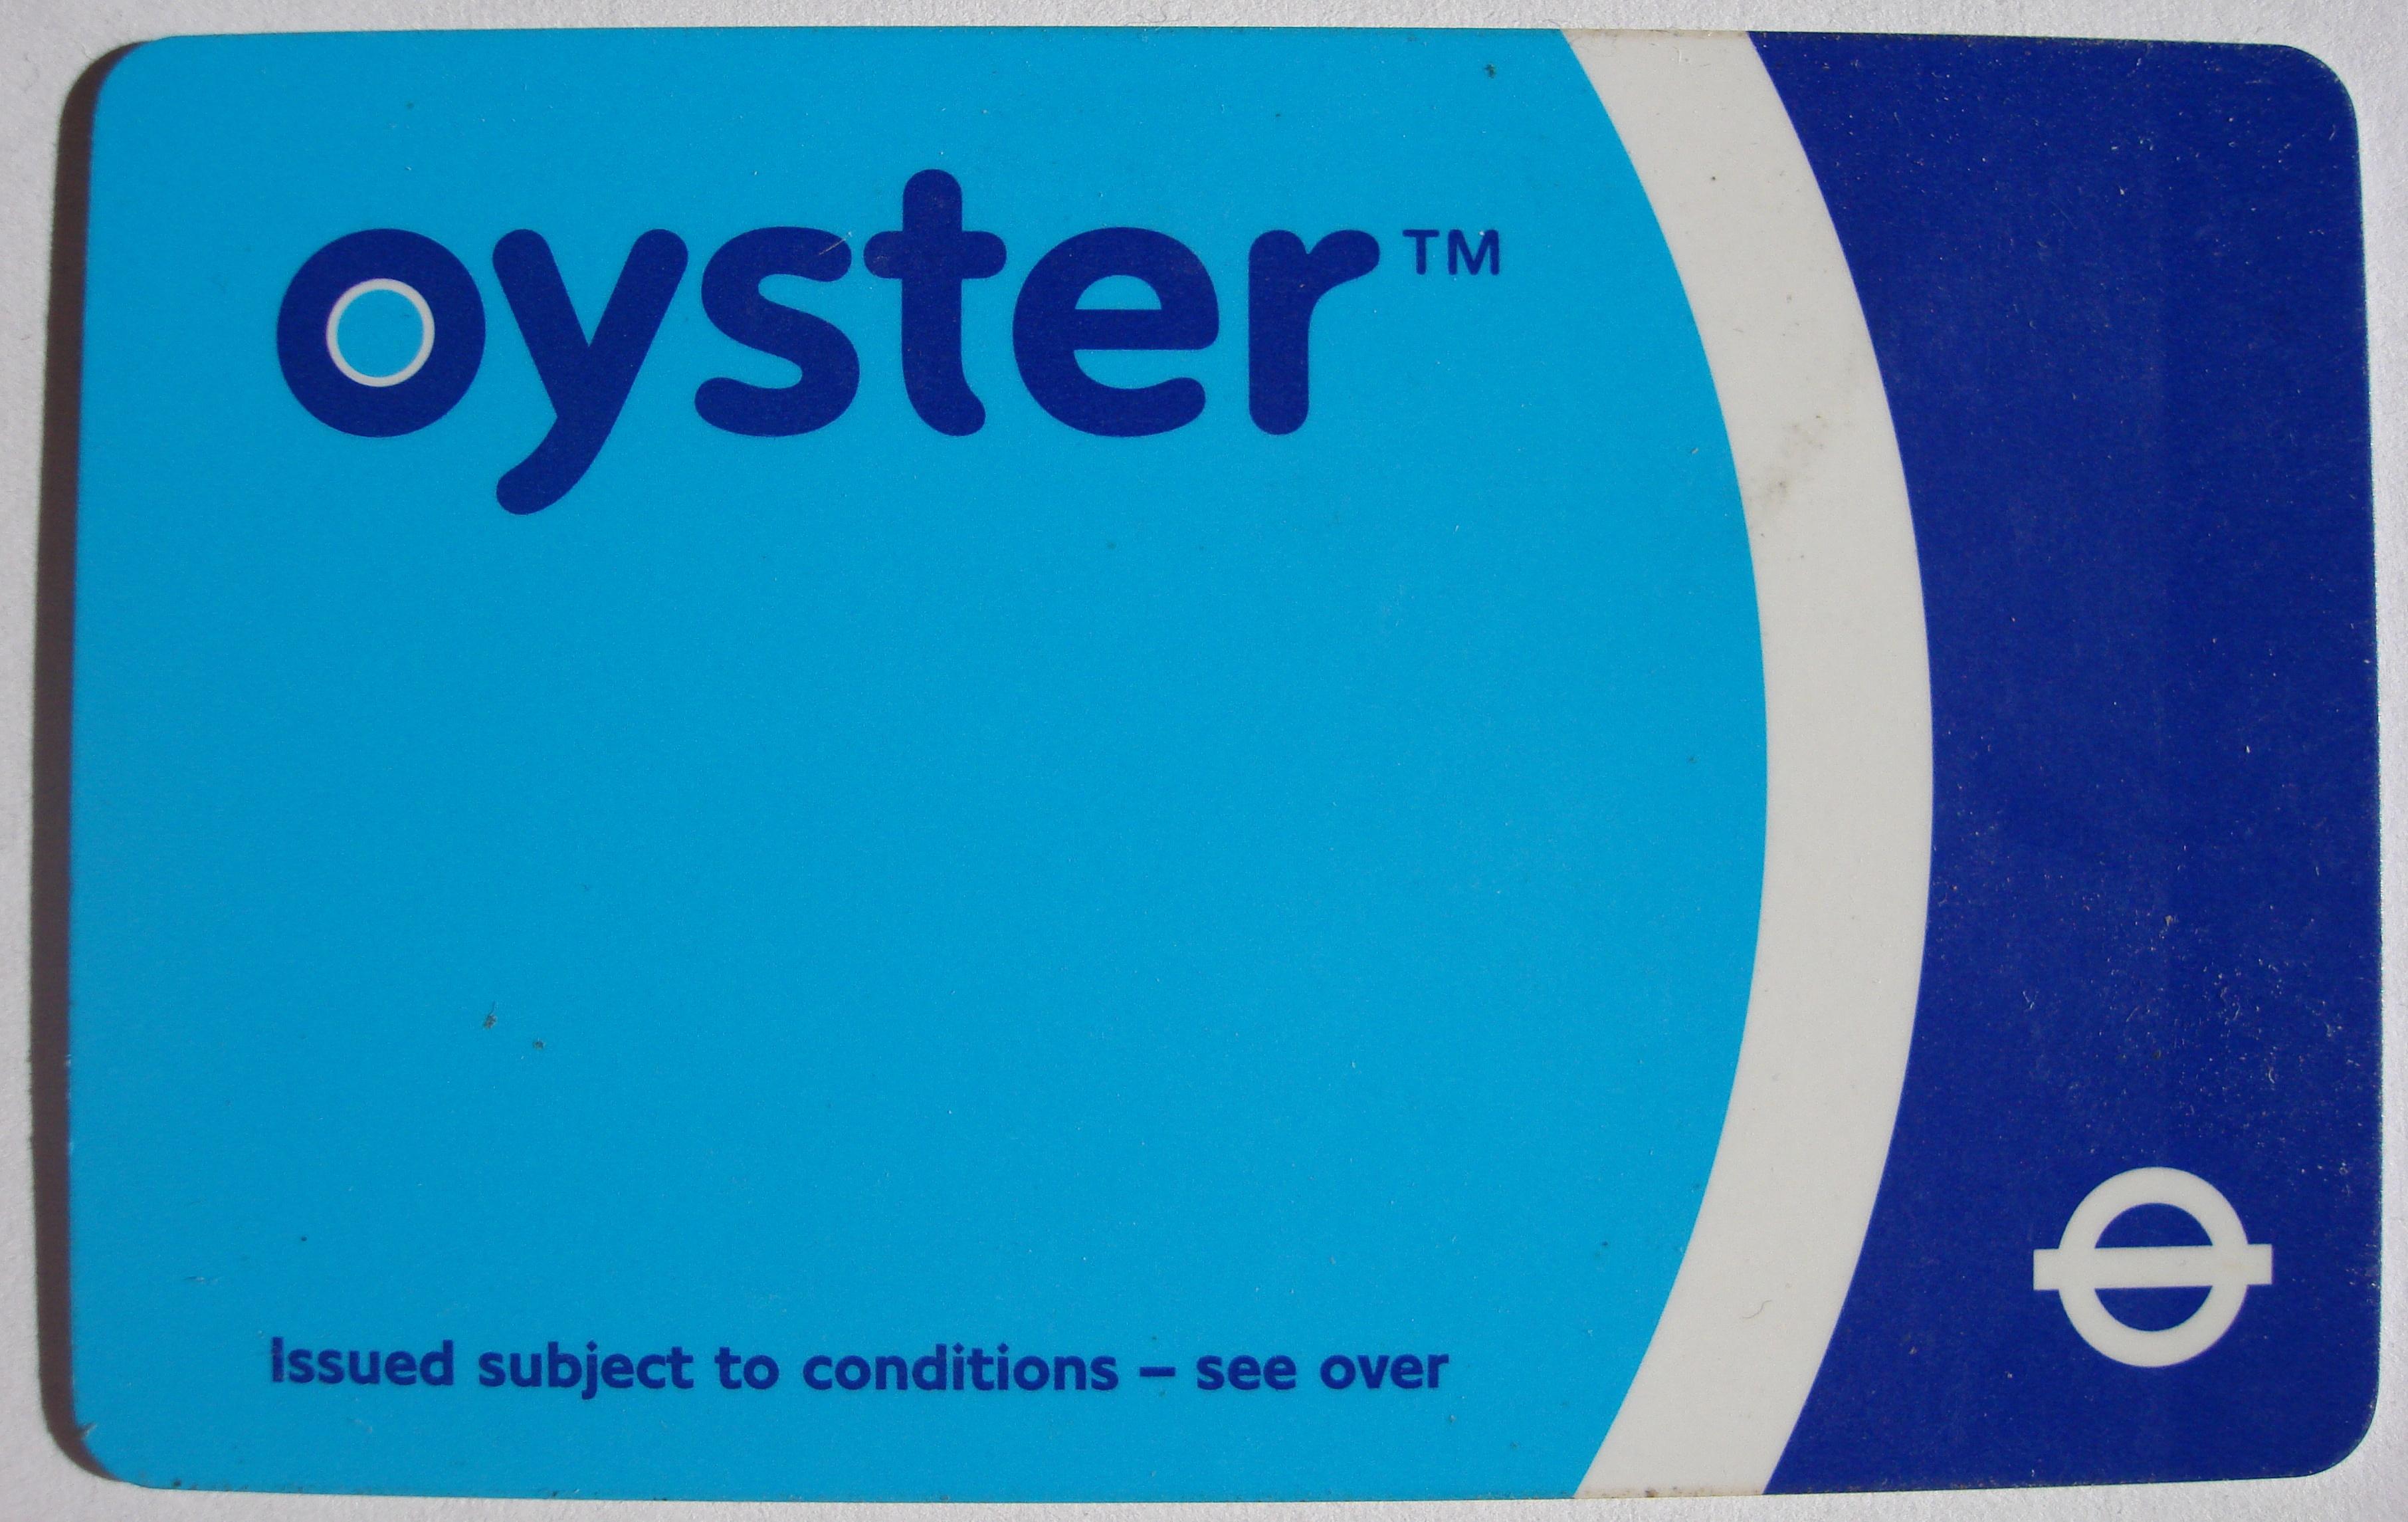 Oyster Reisekort Wikipedia